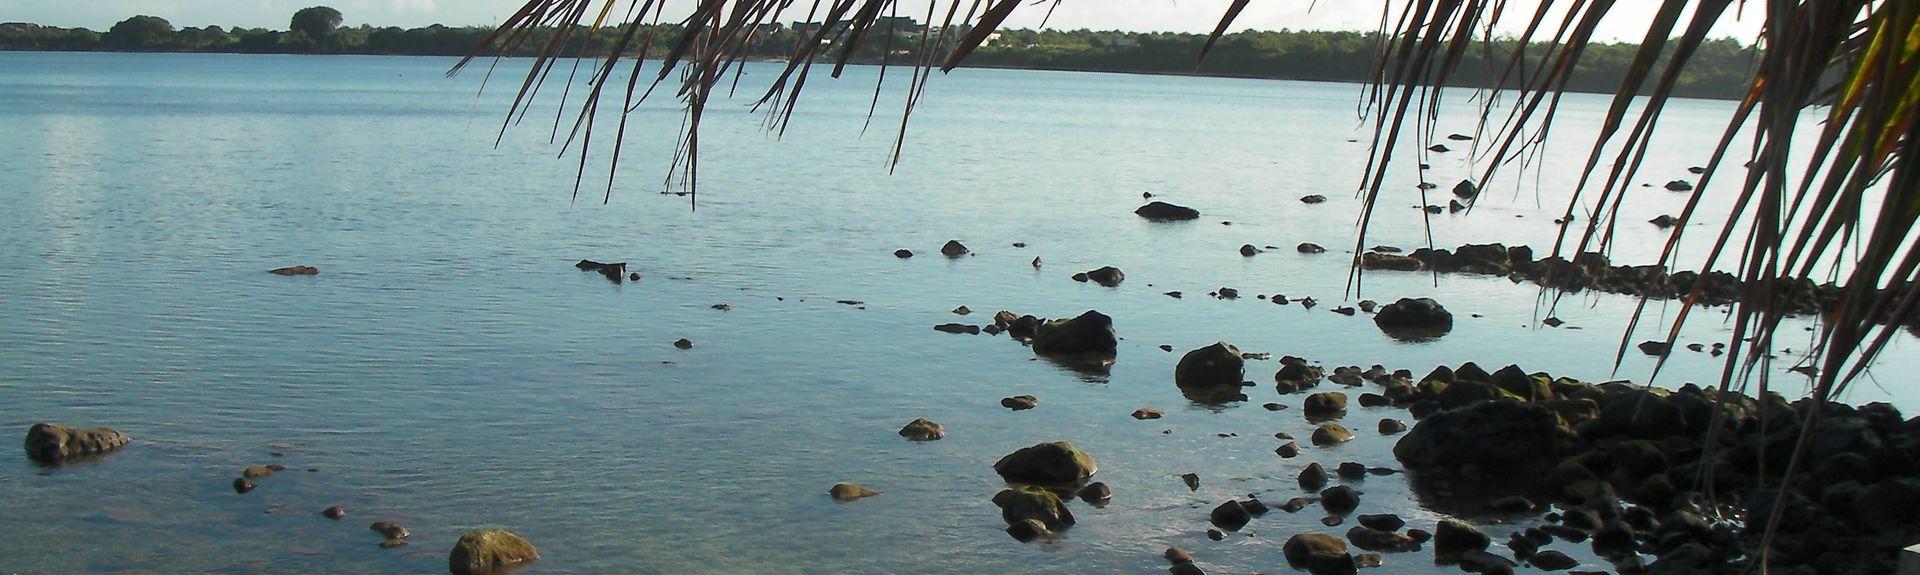 Quatre Bornes, Mauritius